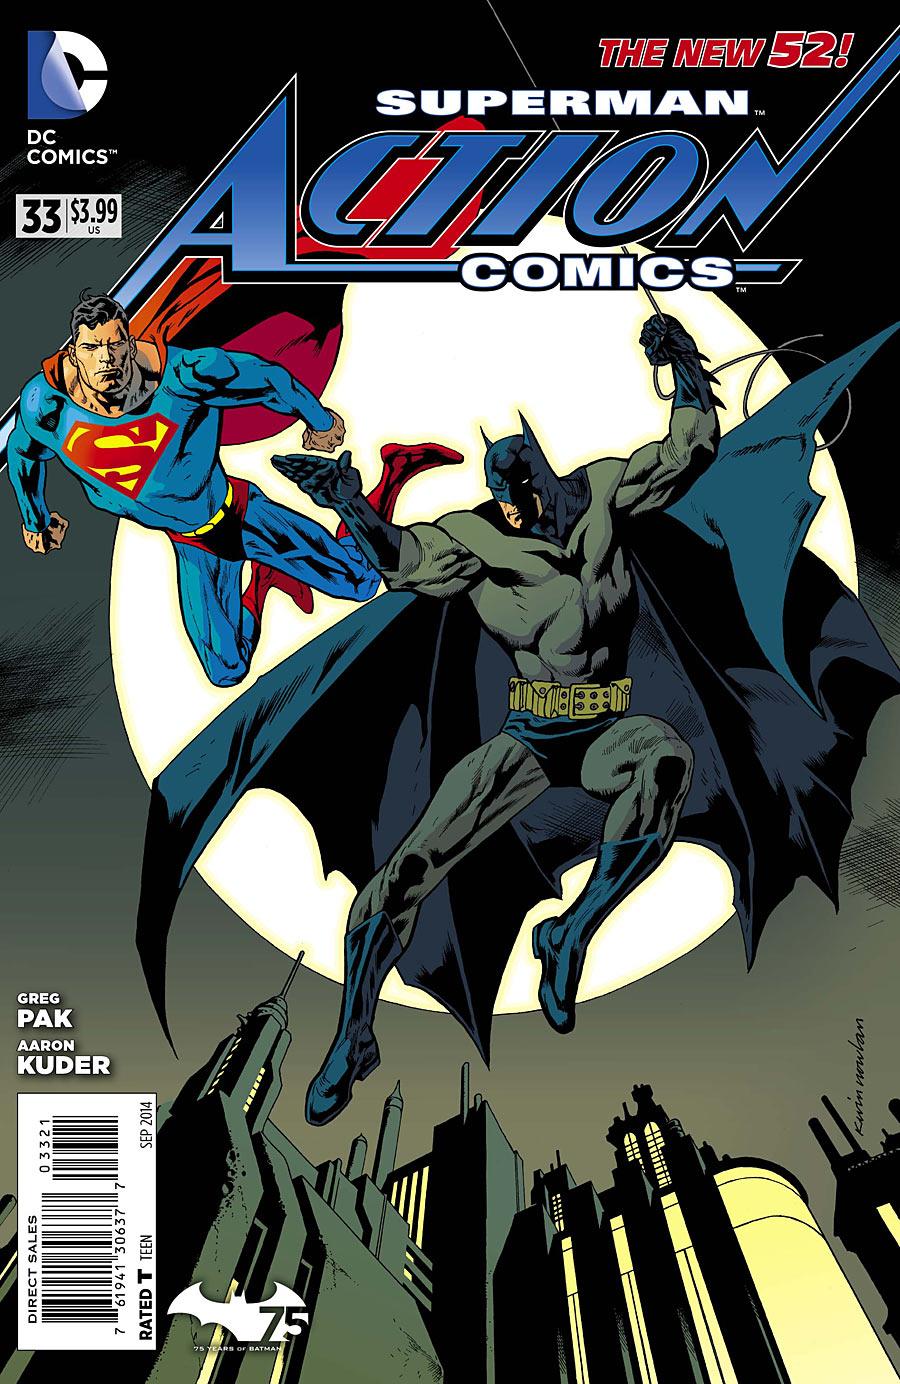 Action Comics Vol 2 33 Batman 75th Anniversary Variant.jpg